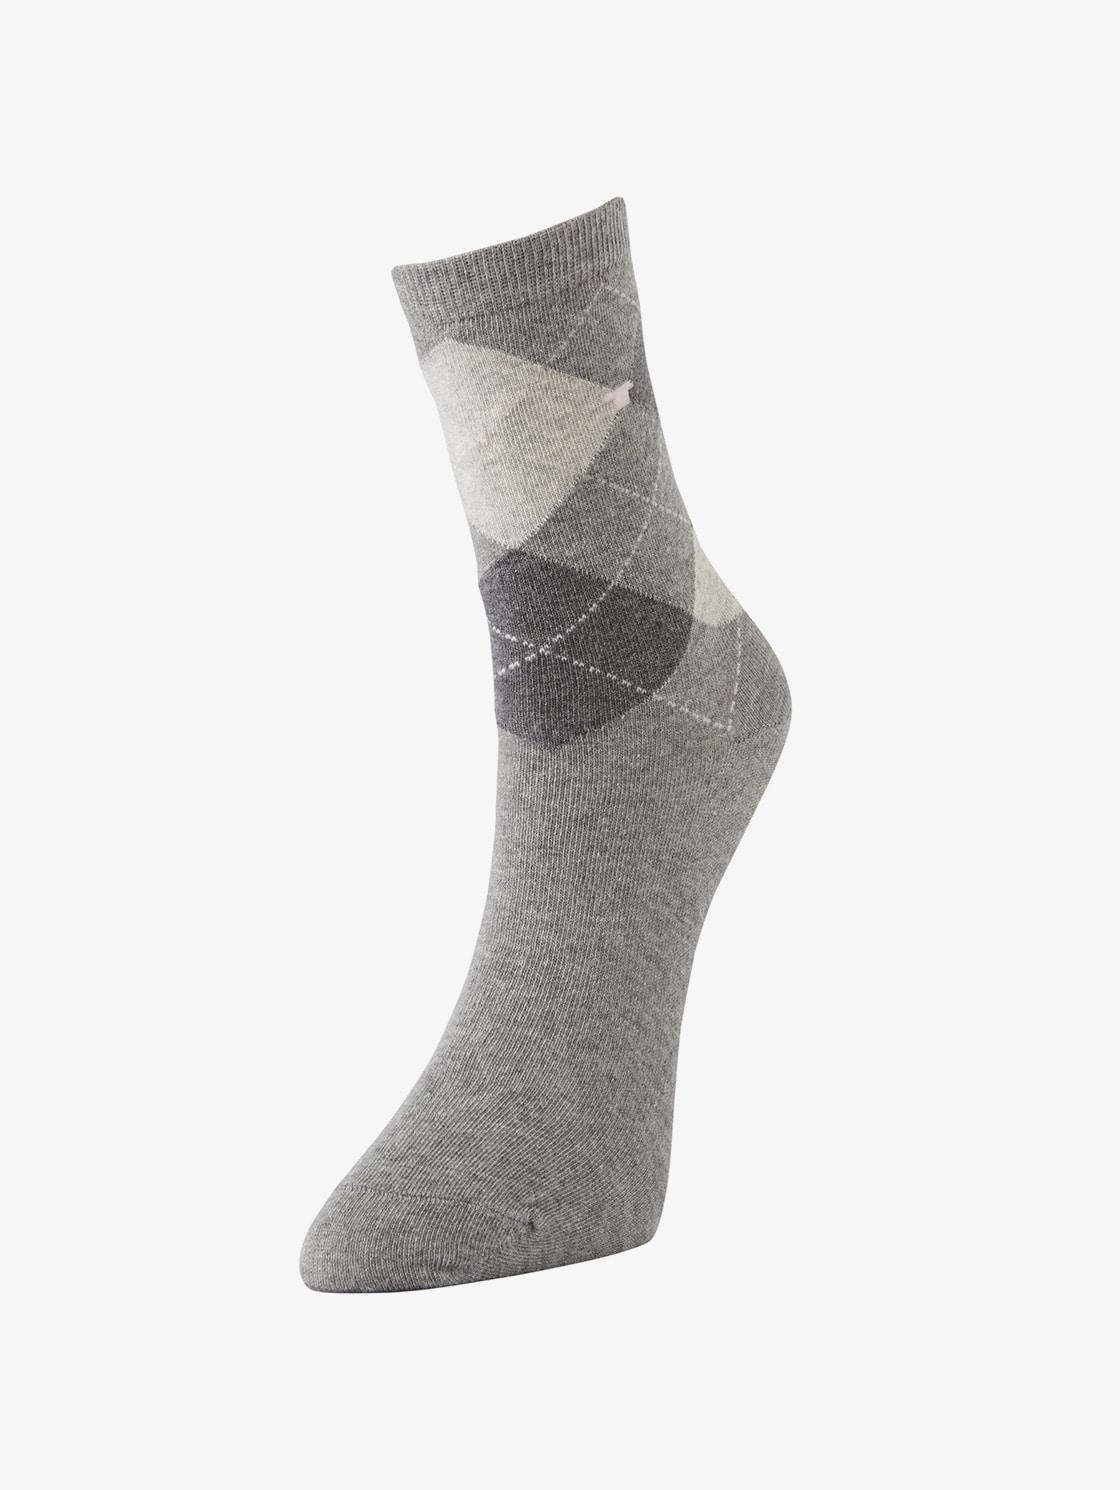 Tom Tailor Casual Socken im Doppelpack, Damen, light grey melange, Größe: 35 38